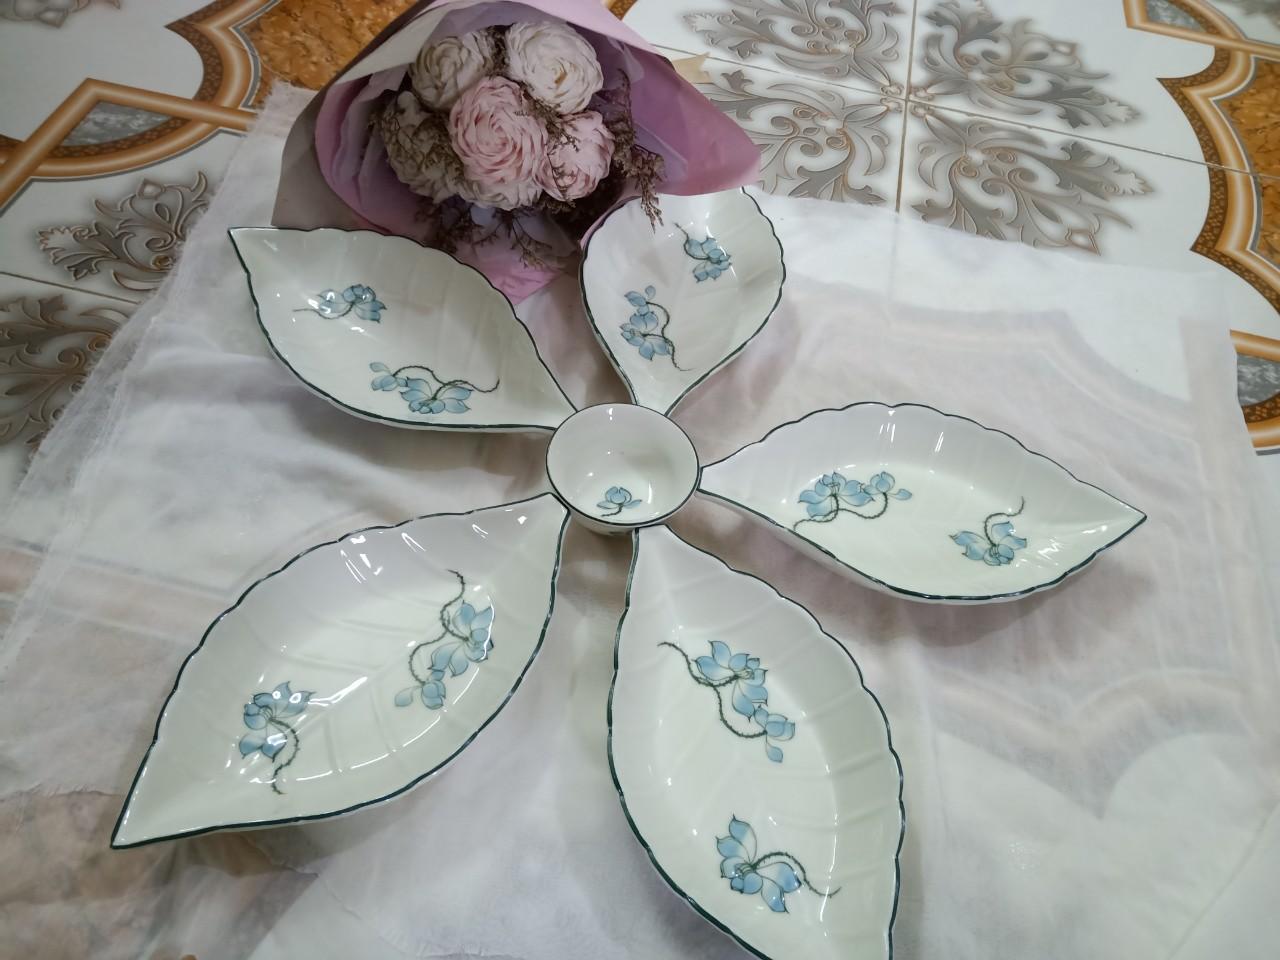 Bộ đĩa ăn vẽ hoa sen gốm sứ Bát Tràng